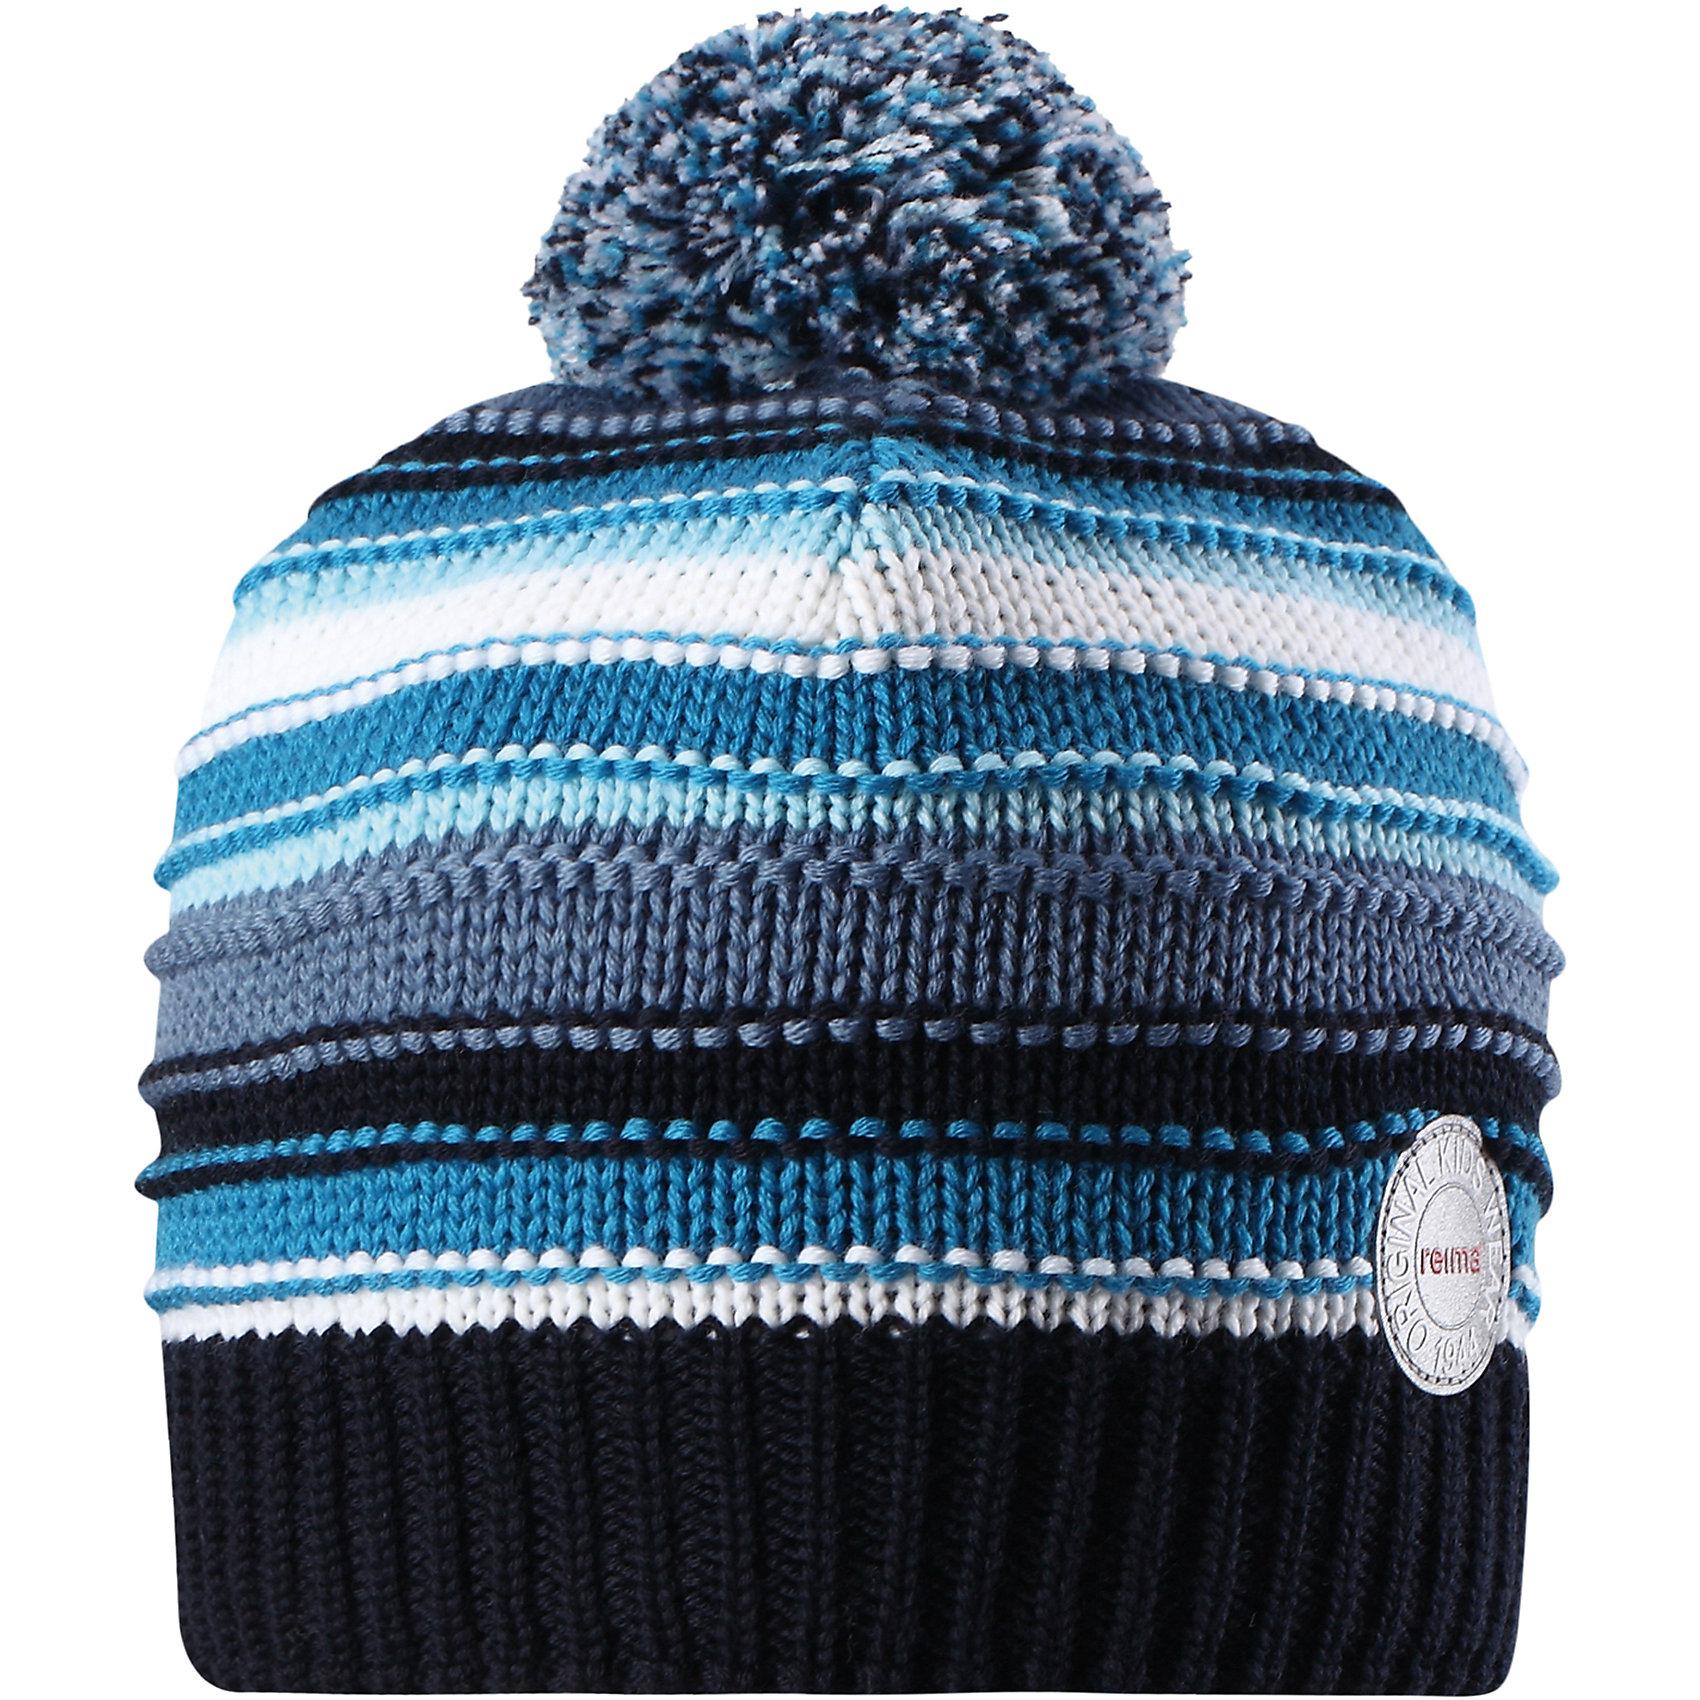 Шапка Reima HurmosГоловные уборы<br>Характеристики товара:<br><br>• цвет: синий;<br>• состав: 100% шерсть;<br>• подкладка: 97% хлопок, 3% эластан;<br>• утеплитель: 40 г/м2;<br>• сезон: зима;<br>• температурный режим: от 0 до -20С;<br>• мягкая ткань из мериносовой шерсти для поддержания идеальной температуры тела;<br>• ветронепроницаемые вставки в области ушей;<br>• сплошная подкладка: мягкий теплый флис;<br>• шапка с помпоном;<br>• логотип Reima® сзади;<br>• страна бренда: Финляндия;<br>• страна изготовитель: Китай.<br><br>Шапка для малышей и детей постарше изготовлена из дышащей и теплой мериносовой шерсти. Мягкая флисовая подкладка гарантирует тепло, а ветронепроницаемые вставки между верхним слоем и подкладкой защищают уши. Помпон на макушке.<br><br>Шапку Hurmos Reima от финского бренда Reima (Рейма) можно купить в нашем интернет-магазине.<br><br>Ширина мм: 89<br>Глубина мм: 117<br>Высота мм: 44<br>Вес г: 155<br>Цвет: синий<br>Возраст от месяцев: 84<br>Возраст до месяцев: 144<br>Пол: Унисекс<br>Возраст: Детский<br>Размер: 56,54,50,52<br>SKU: 6902681